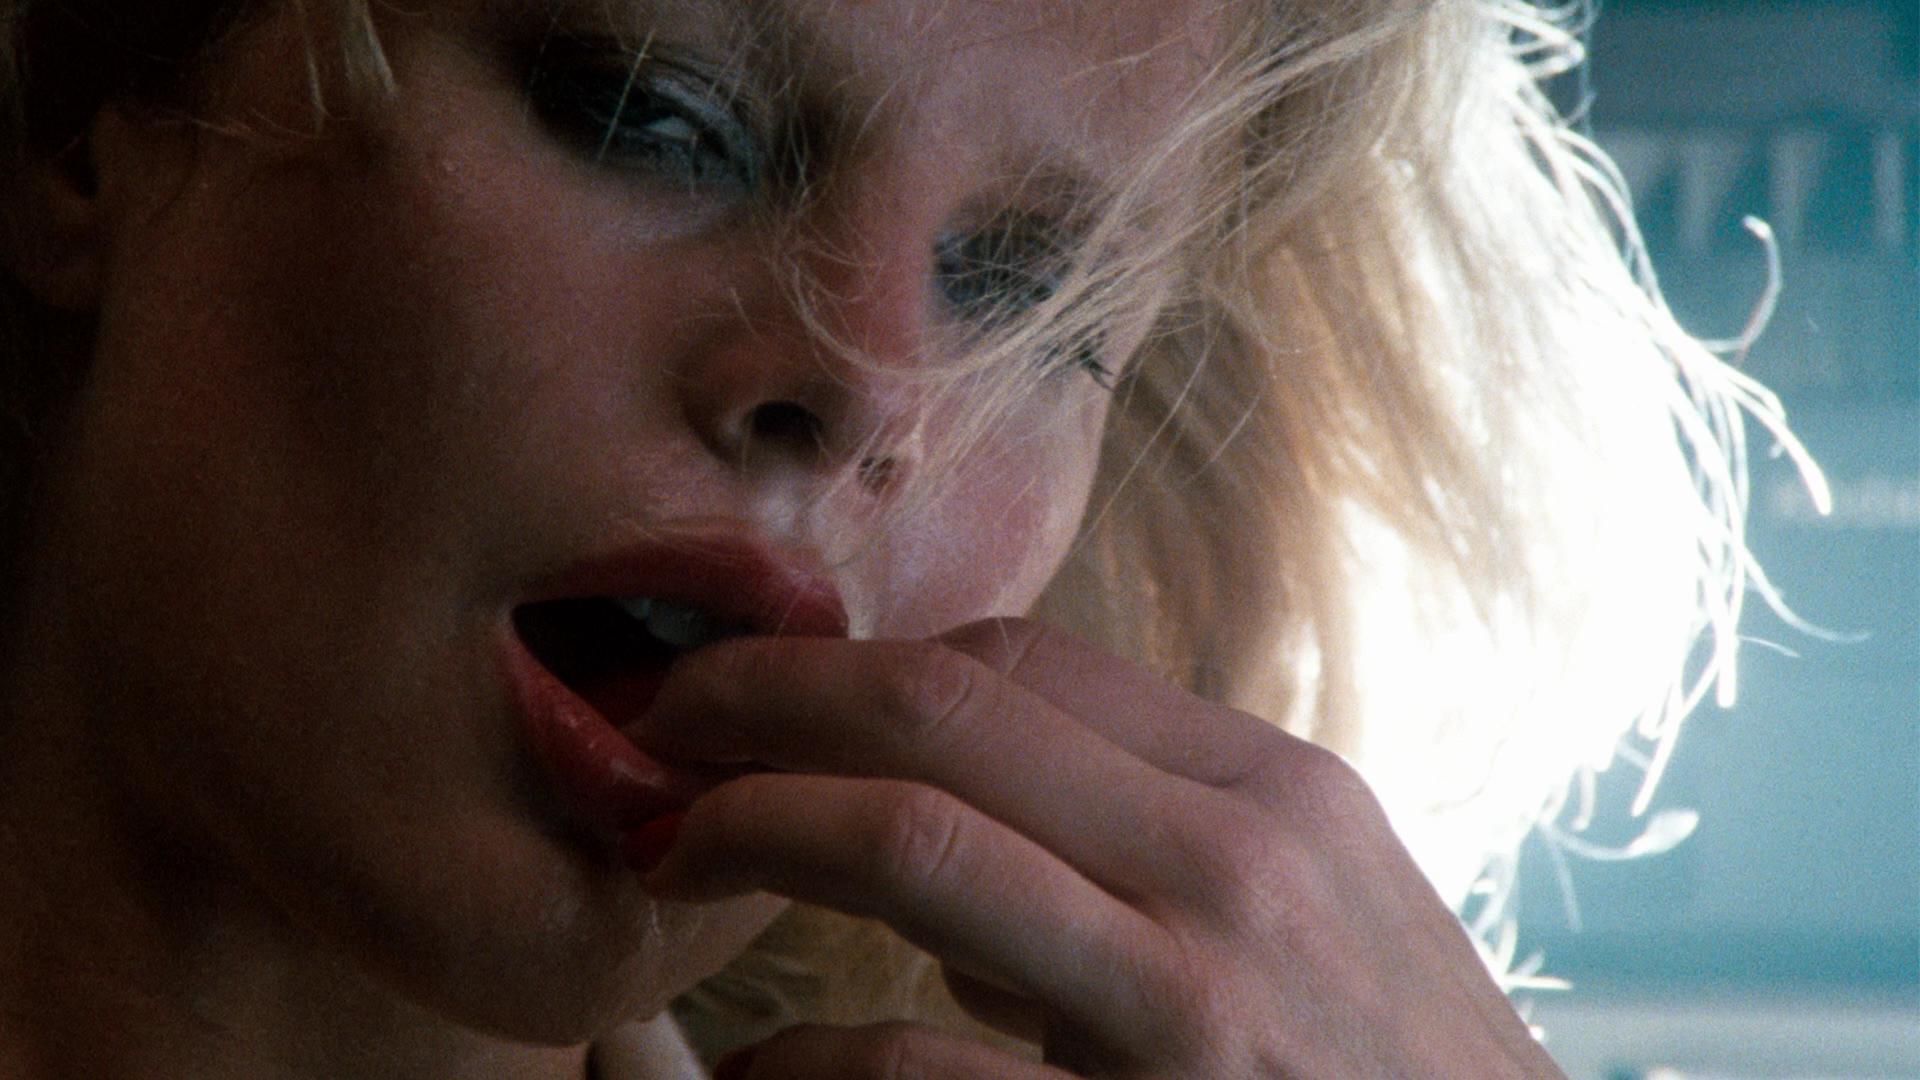 I migliori film erotici vide erotici